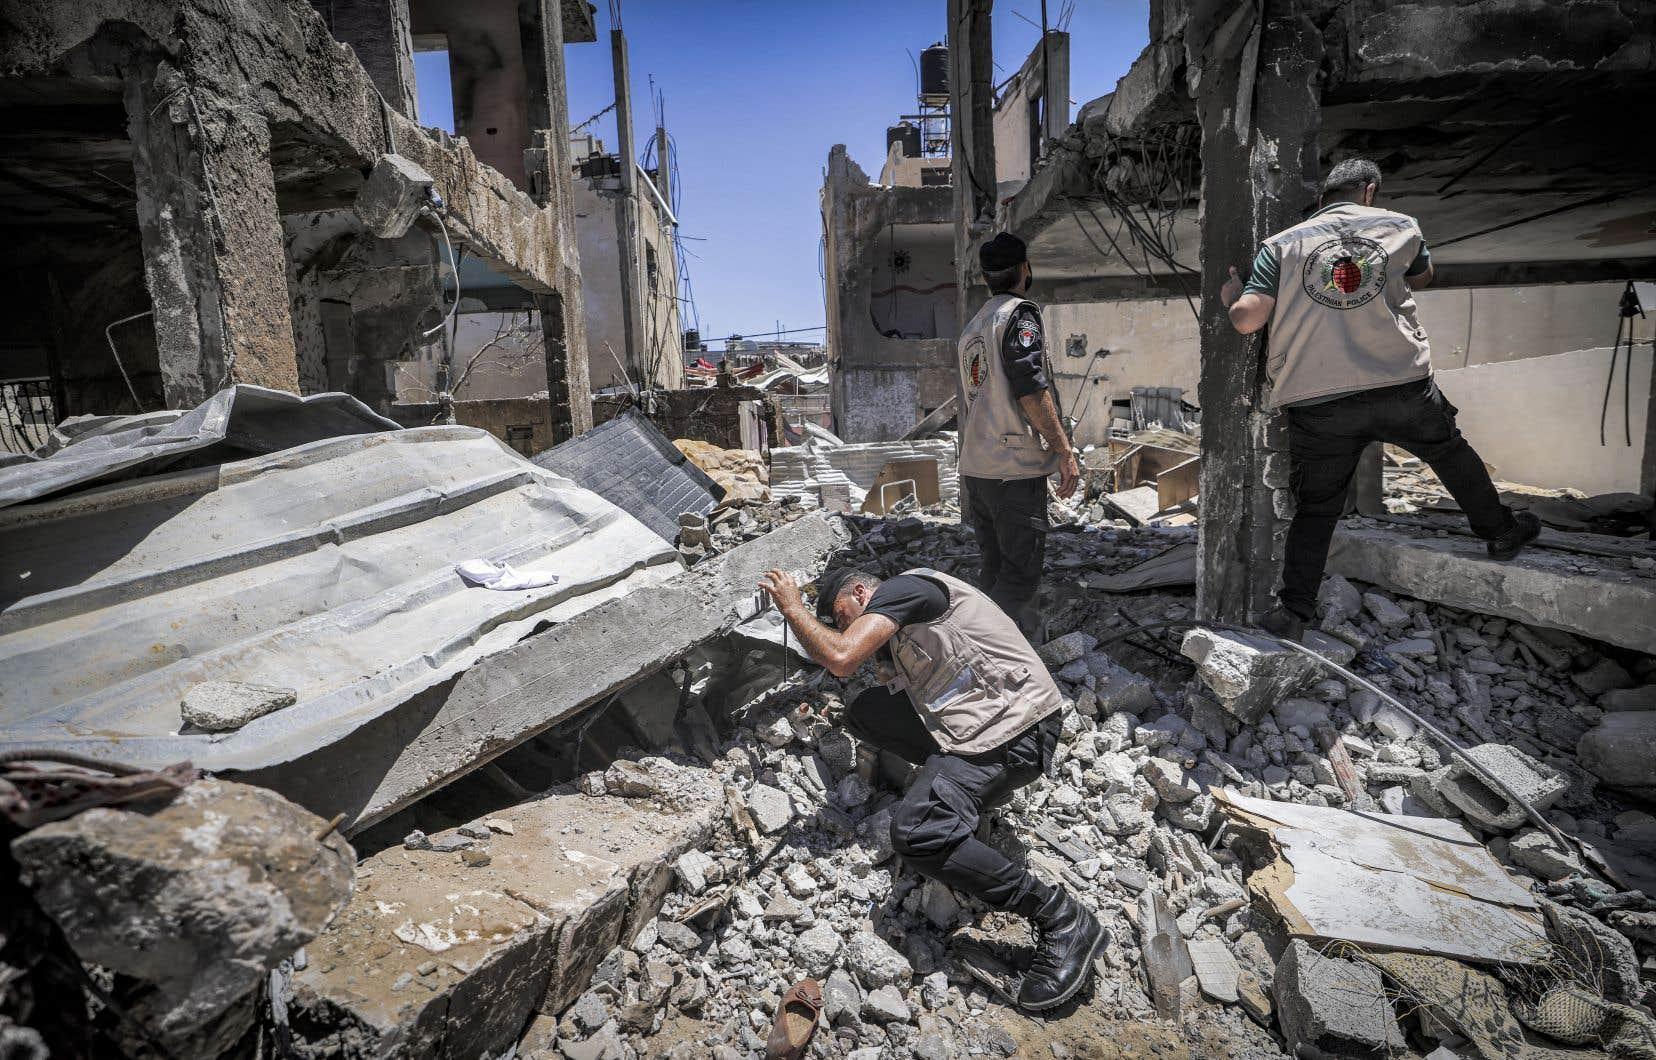 Des experts en explosifs fouillent un bâtiment détruit à la recherche de projectiles non explosés à la suite du conflit de mai 2021 avec Israël, dans la ville de Gaza.